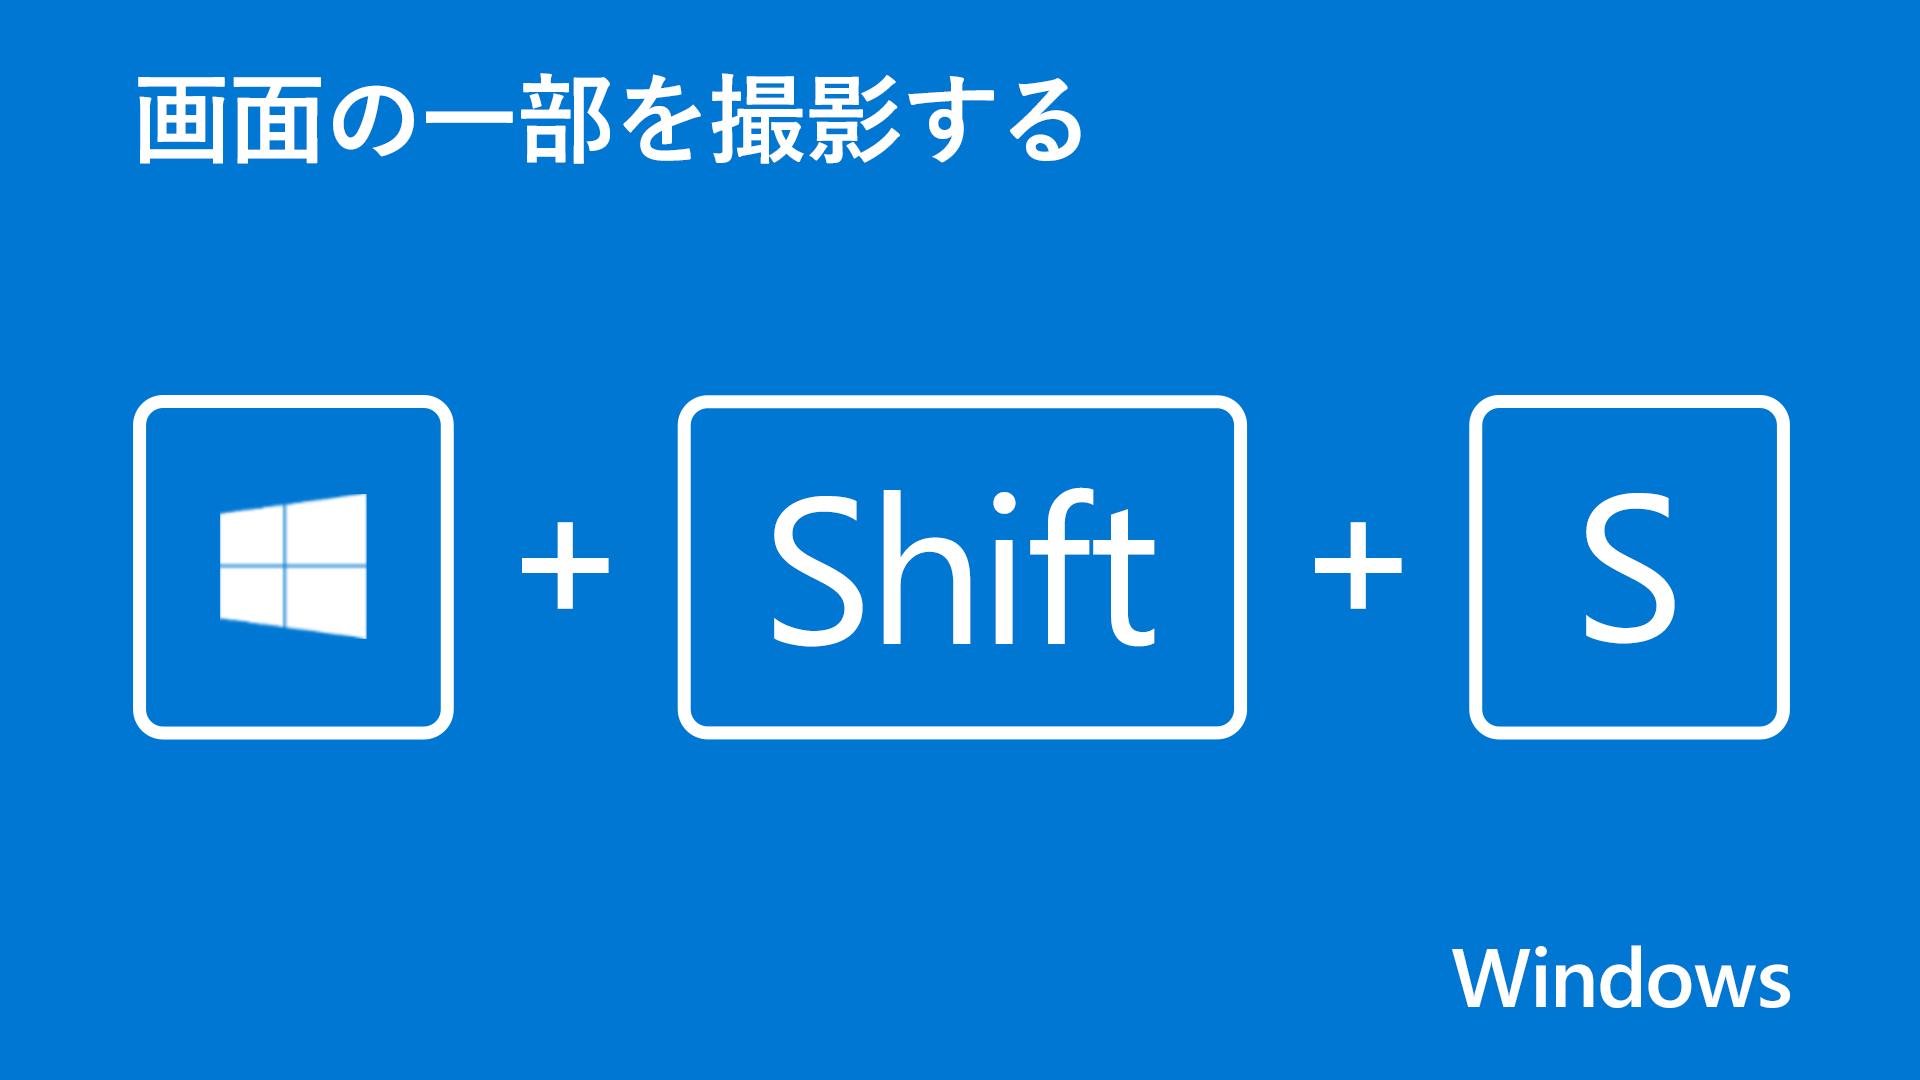 【撮りたい部分だけ素早くスクショ】 #Windows10 には、いくつかのスクリーンショットの撮影方法がありますが、「Windows ロゴキー + Shift + S」もその一つ。 このショートカットキーでは、最初にトリミングする範囲を指定できるので、画面の一部分だけを撮影したいときに最適です。  #WindowsTips集